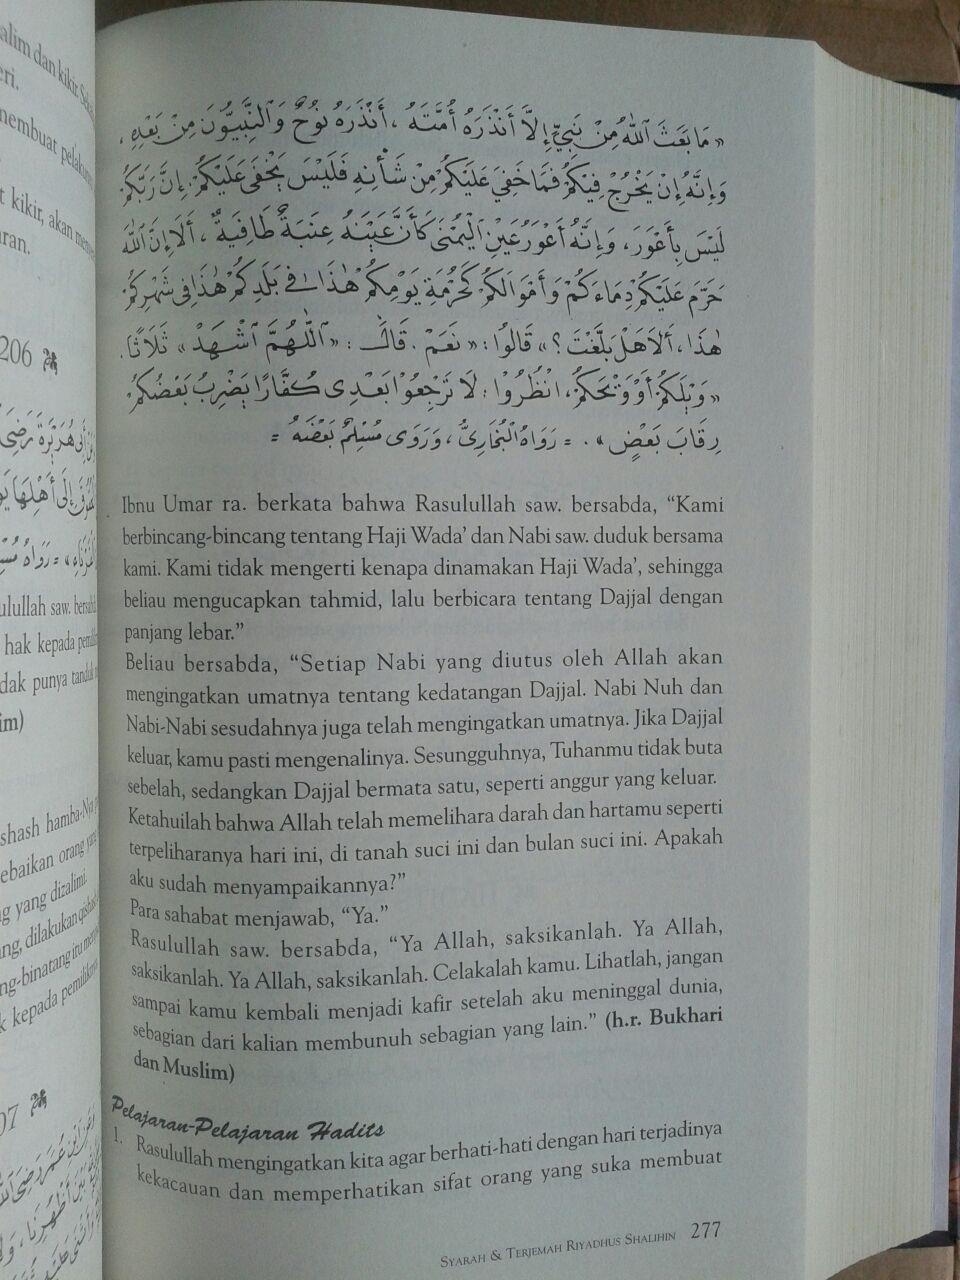 Buku Syarah Dan Terjemah Riyadhus Shalihin 1 Set 2 Jilid isi